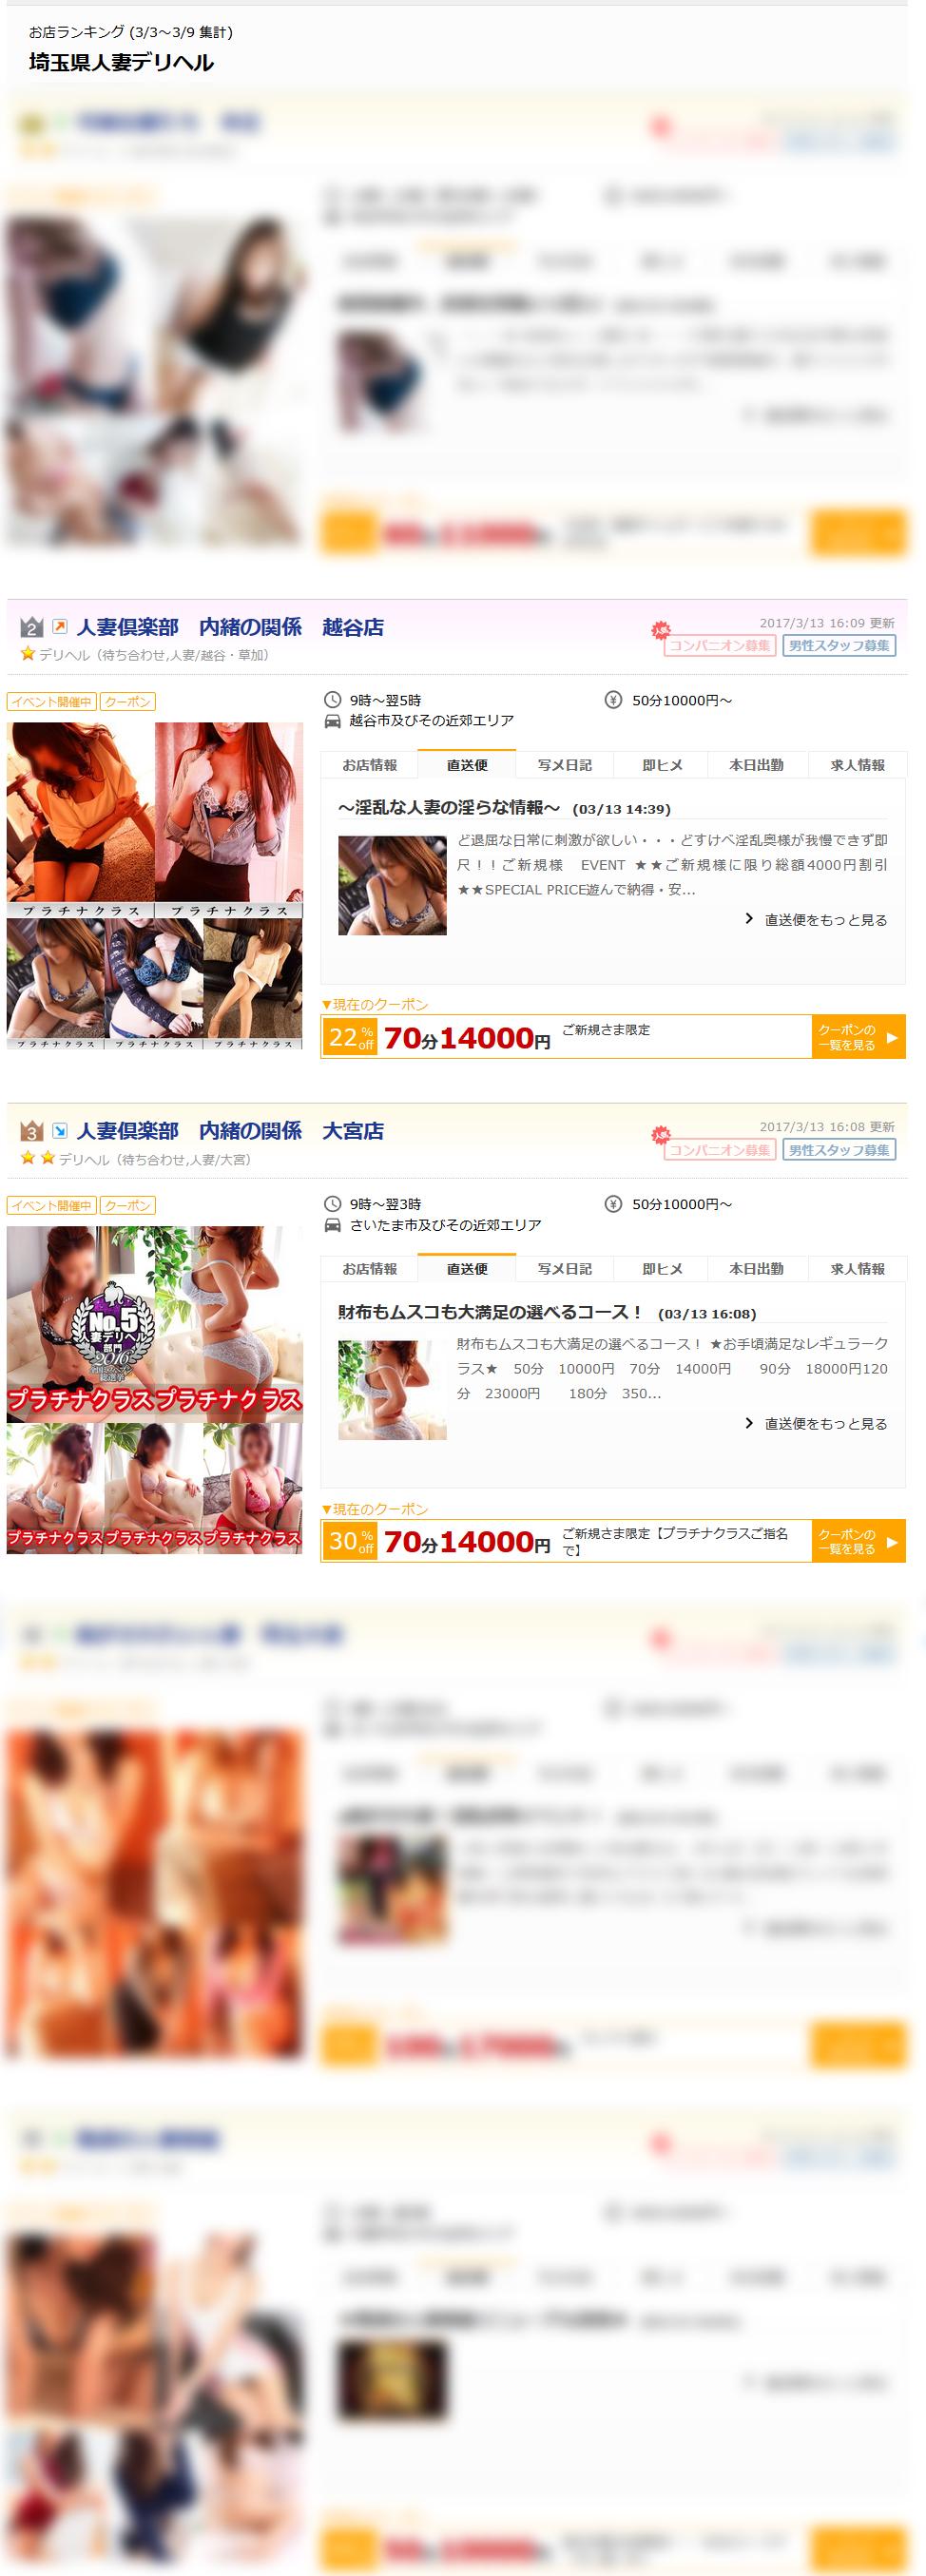 埼玉県人妻デリヘルお店ランキング2017-03-13